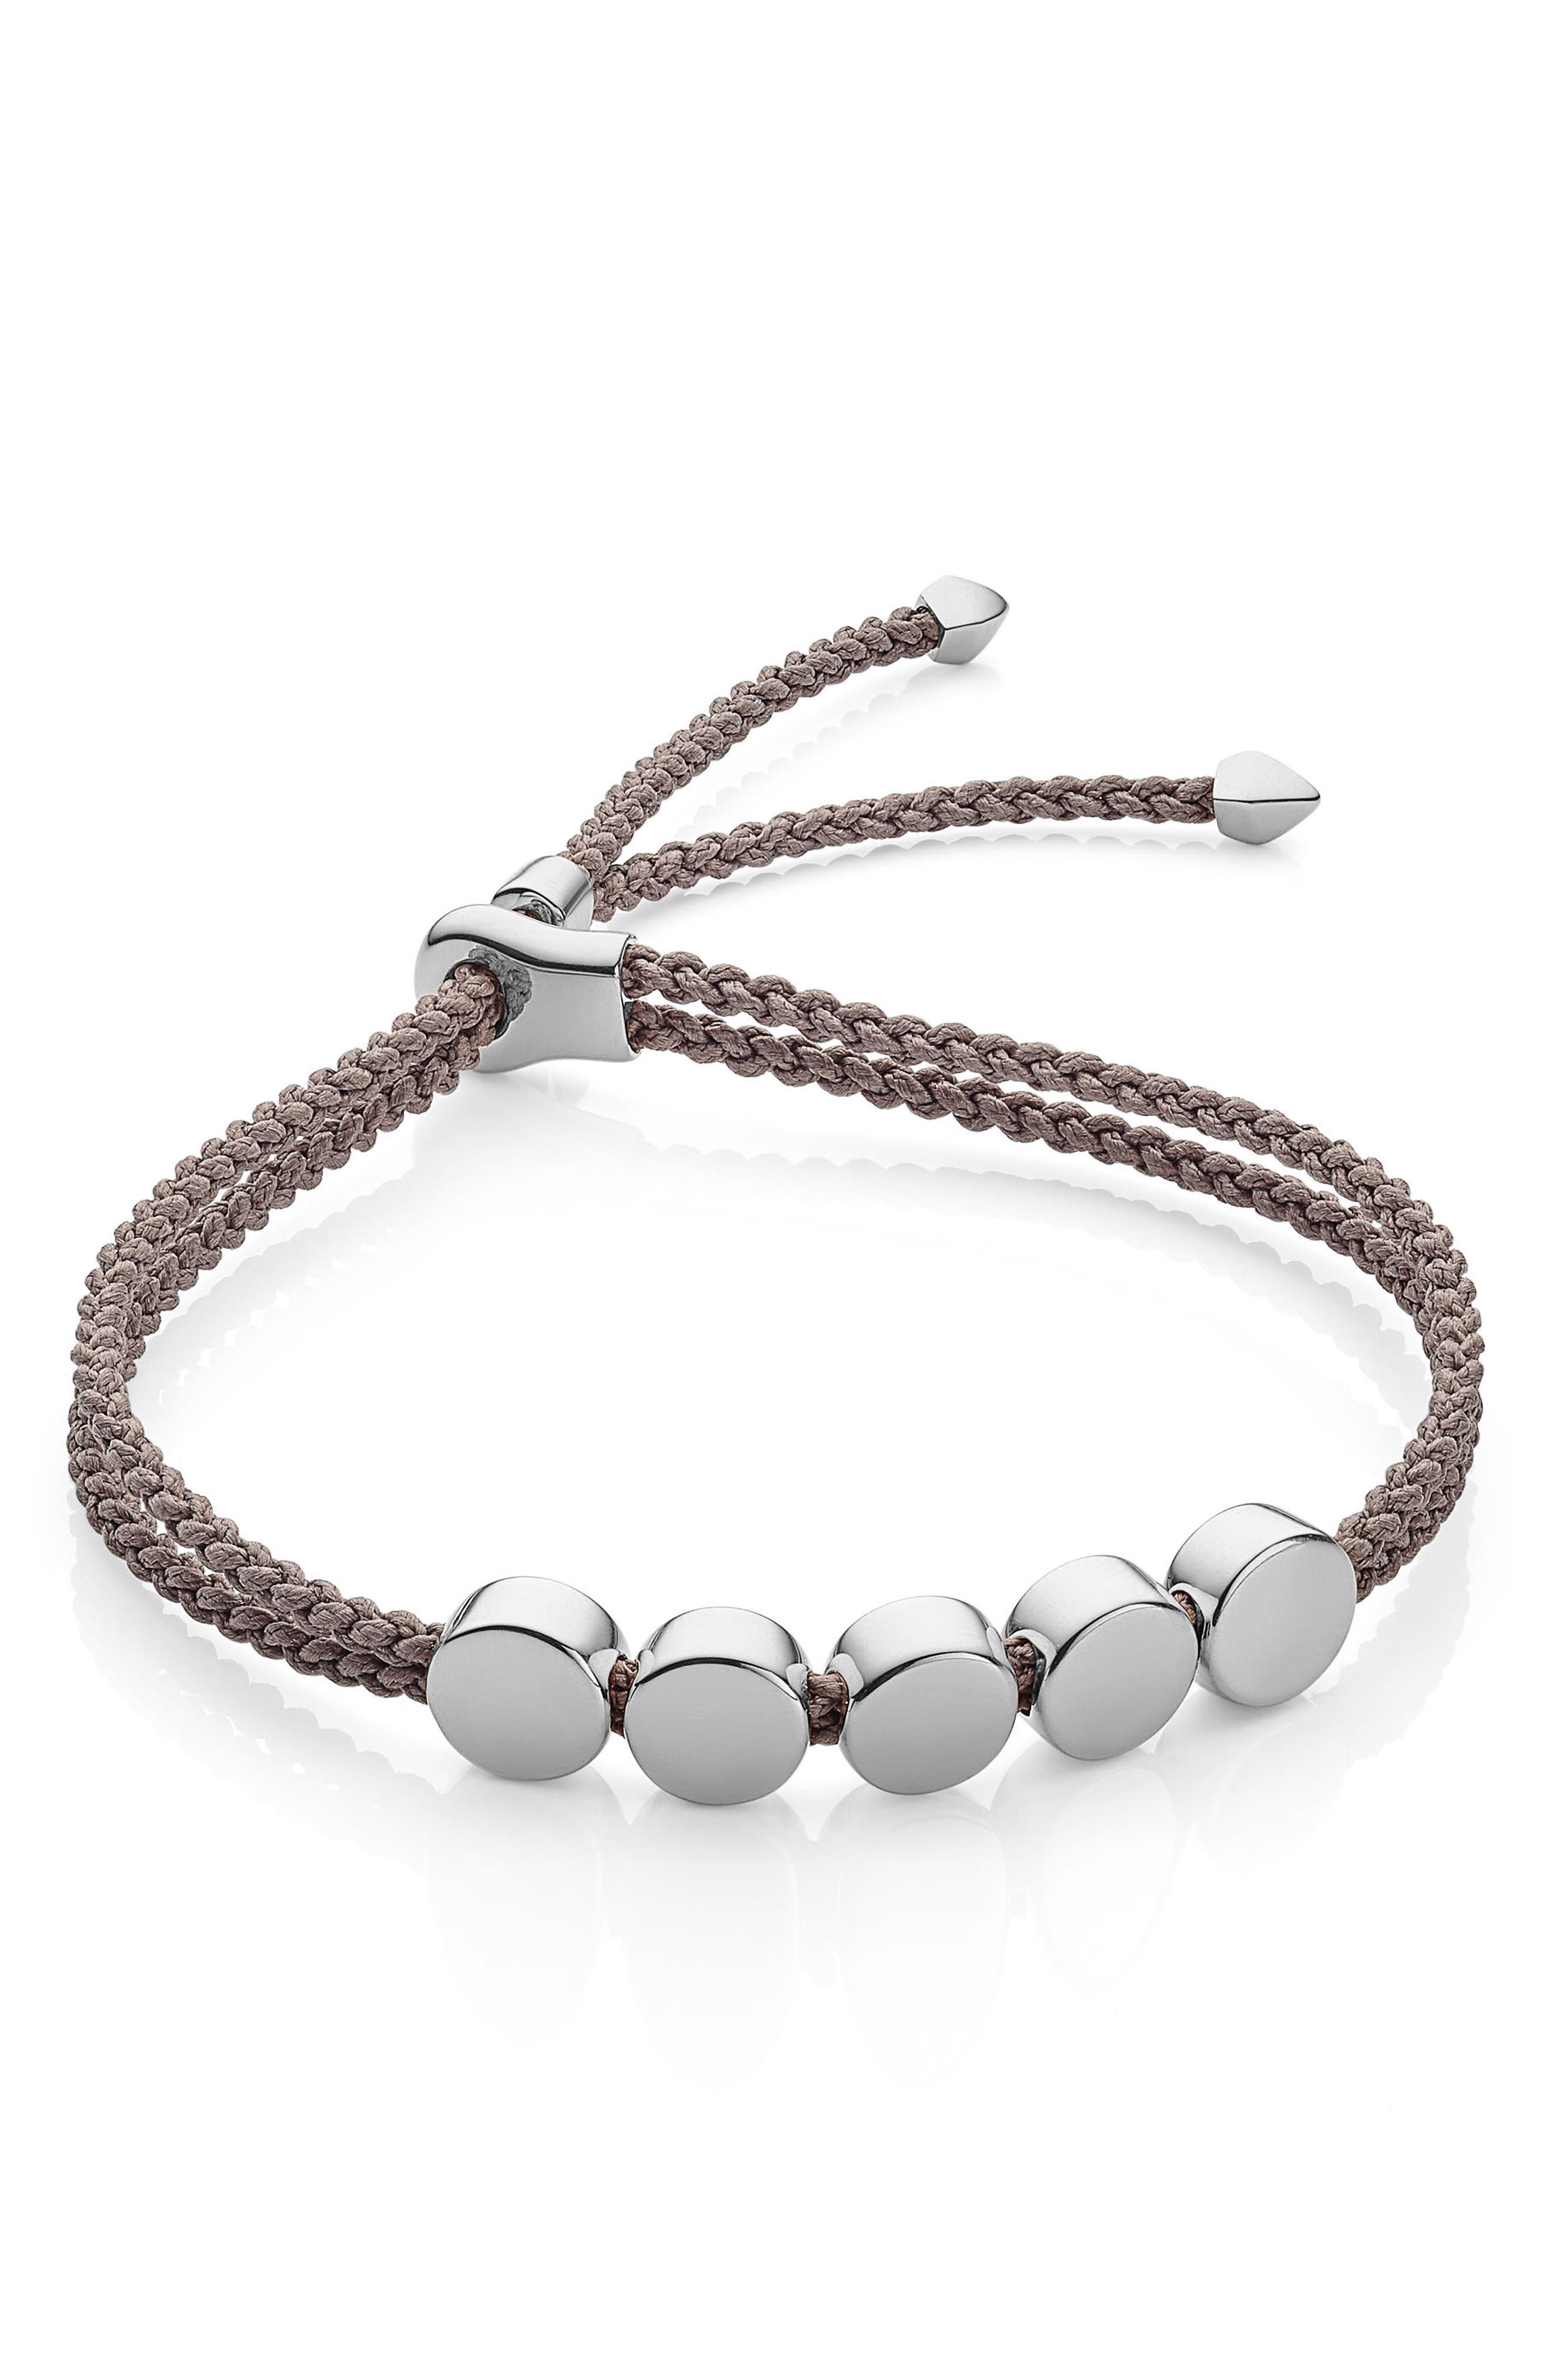 Engravable Beaded Friendship Bracelet,                             Main thumbnail 1, color,                             MINK/ SILVER